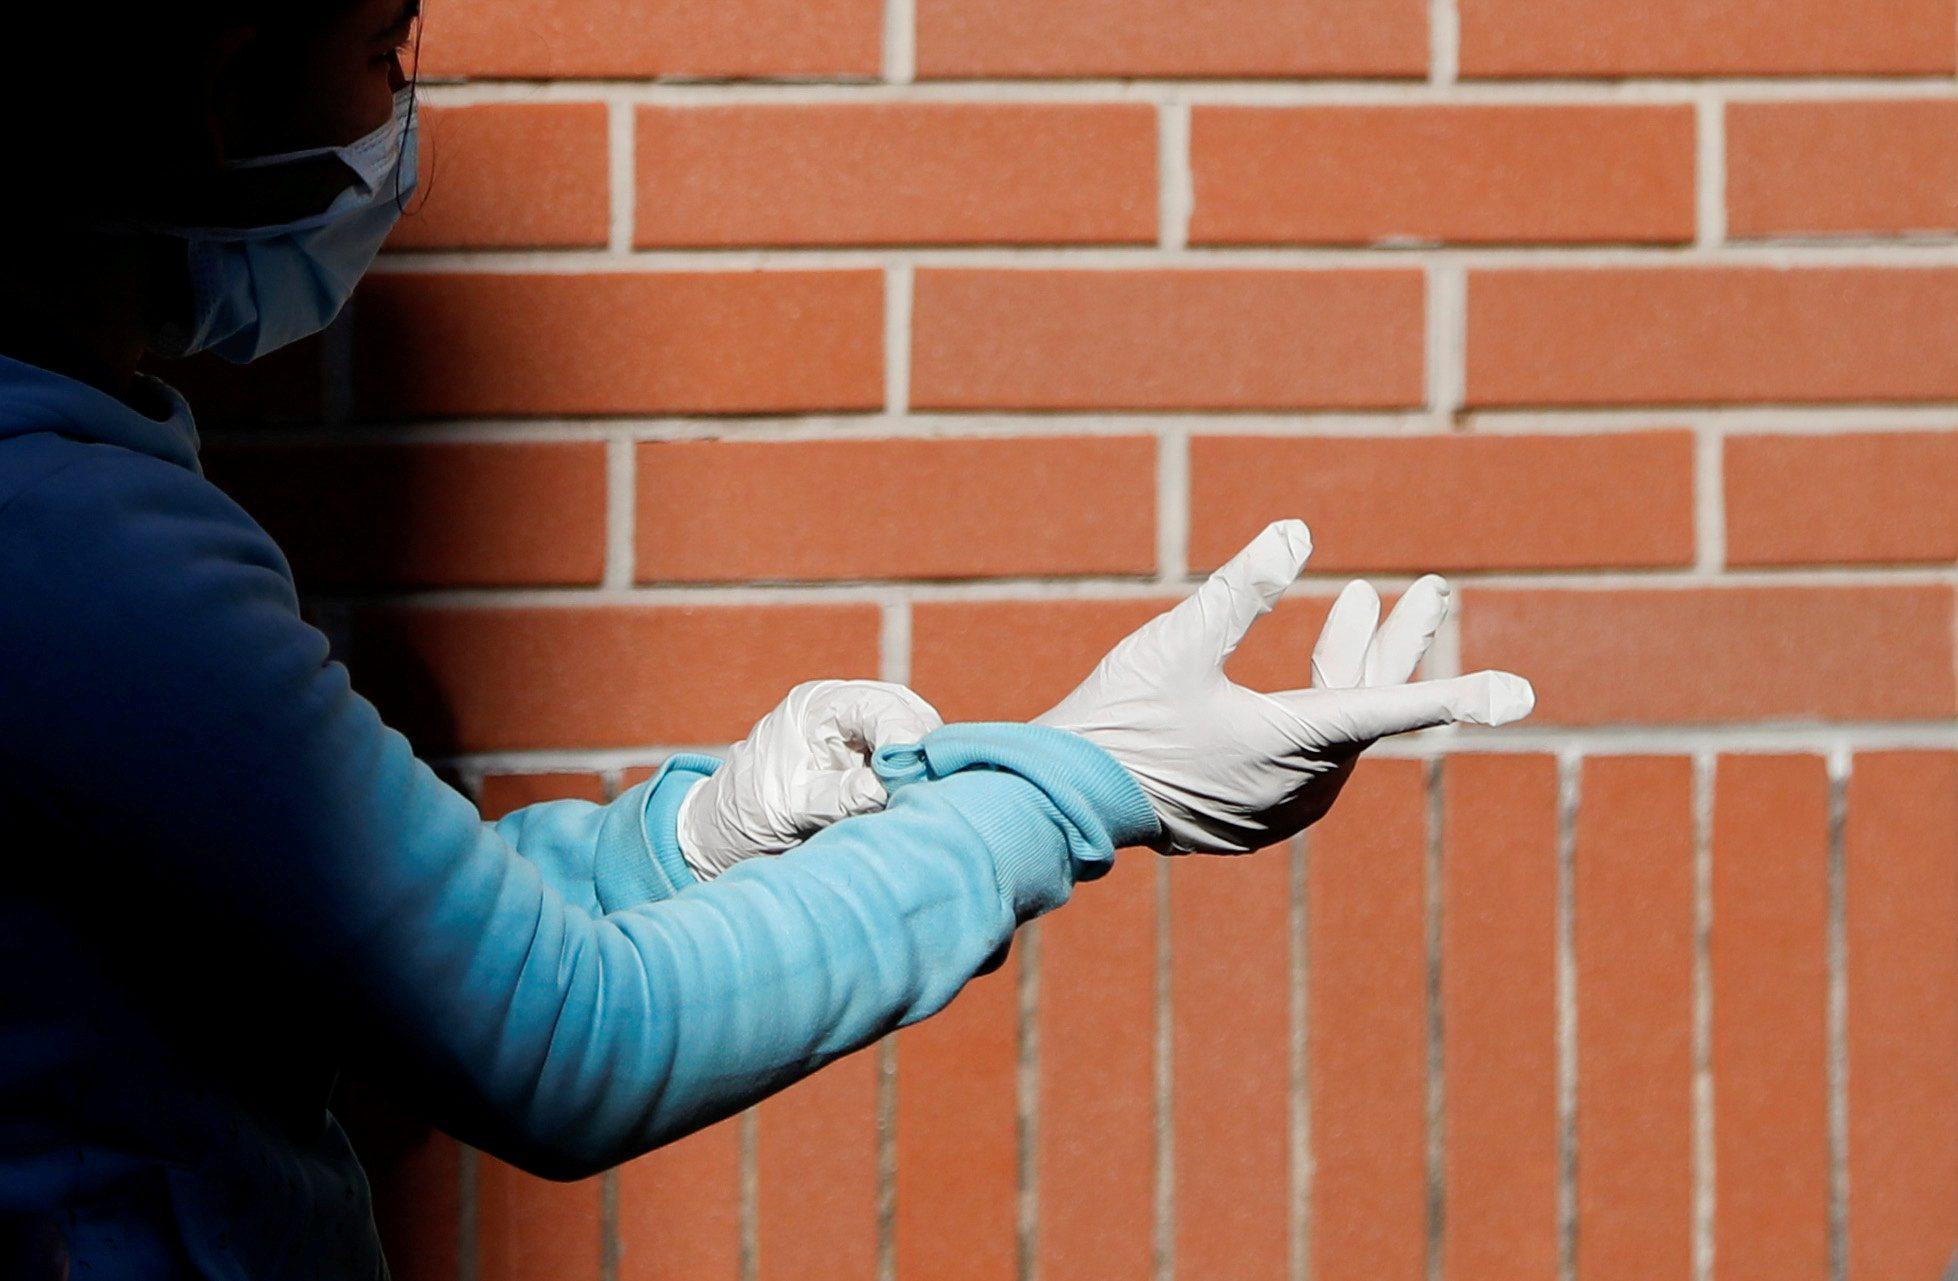 ผู้ผลิตใหญ่ที่สุดของโลกระบุ 'ถุงมือยาง' กำลังขาดแคลนเพราะ 'โควิด-19'